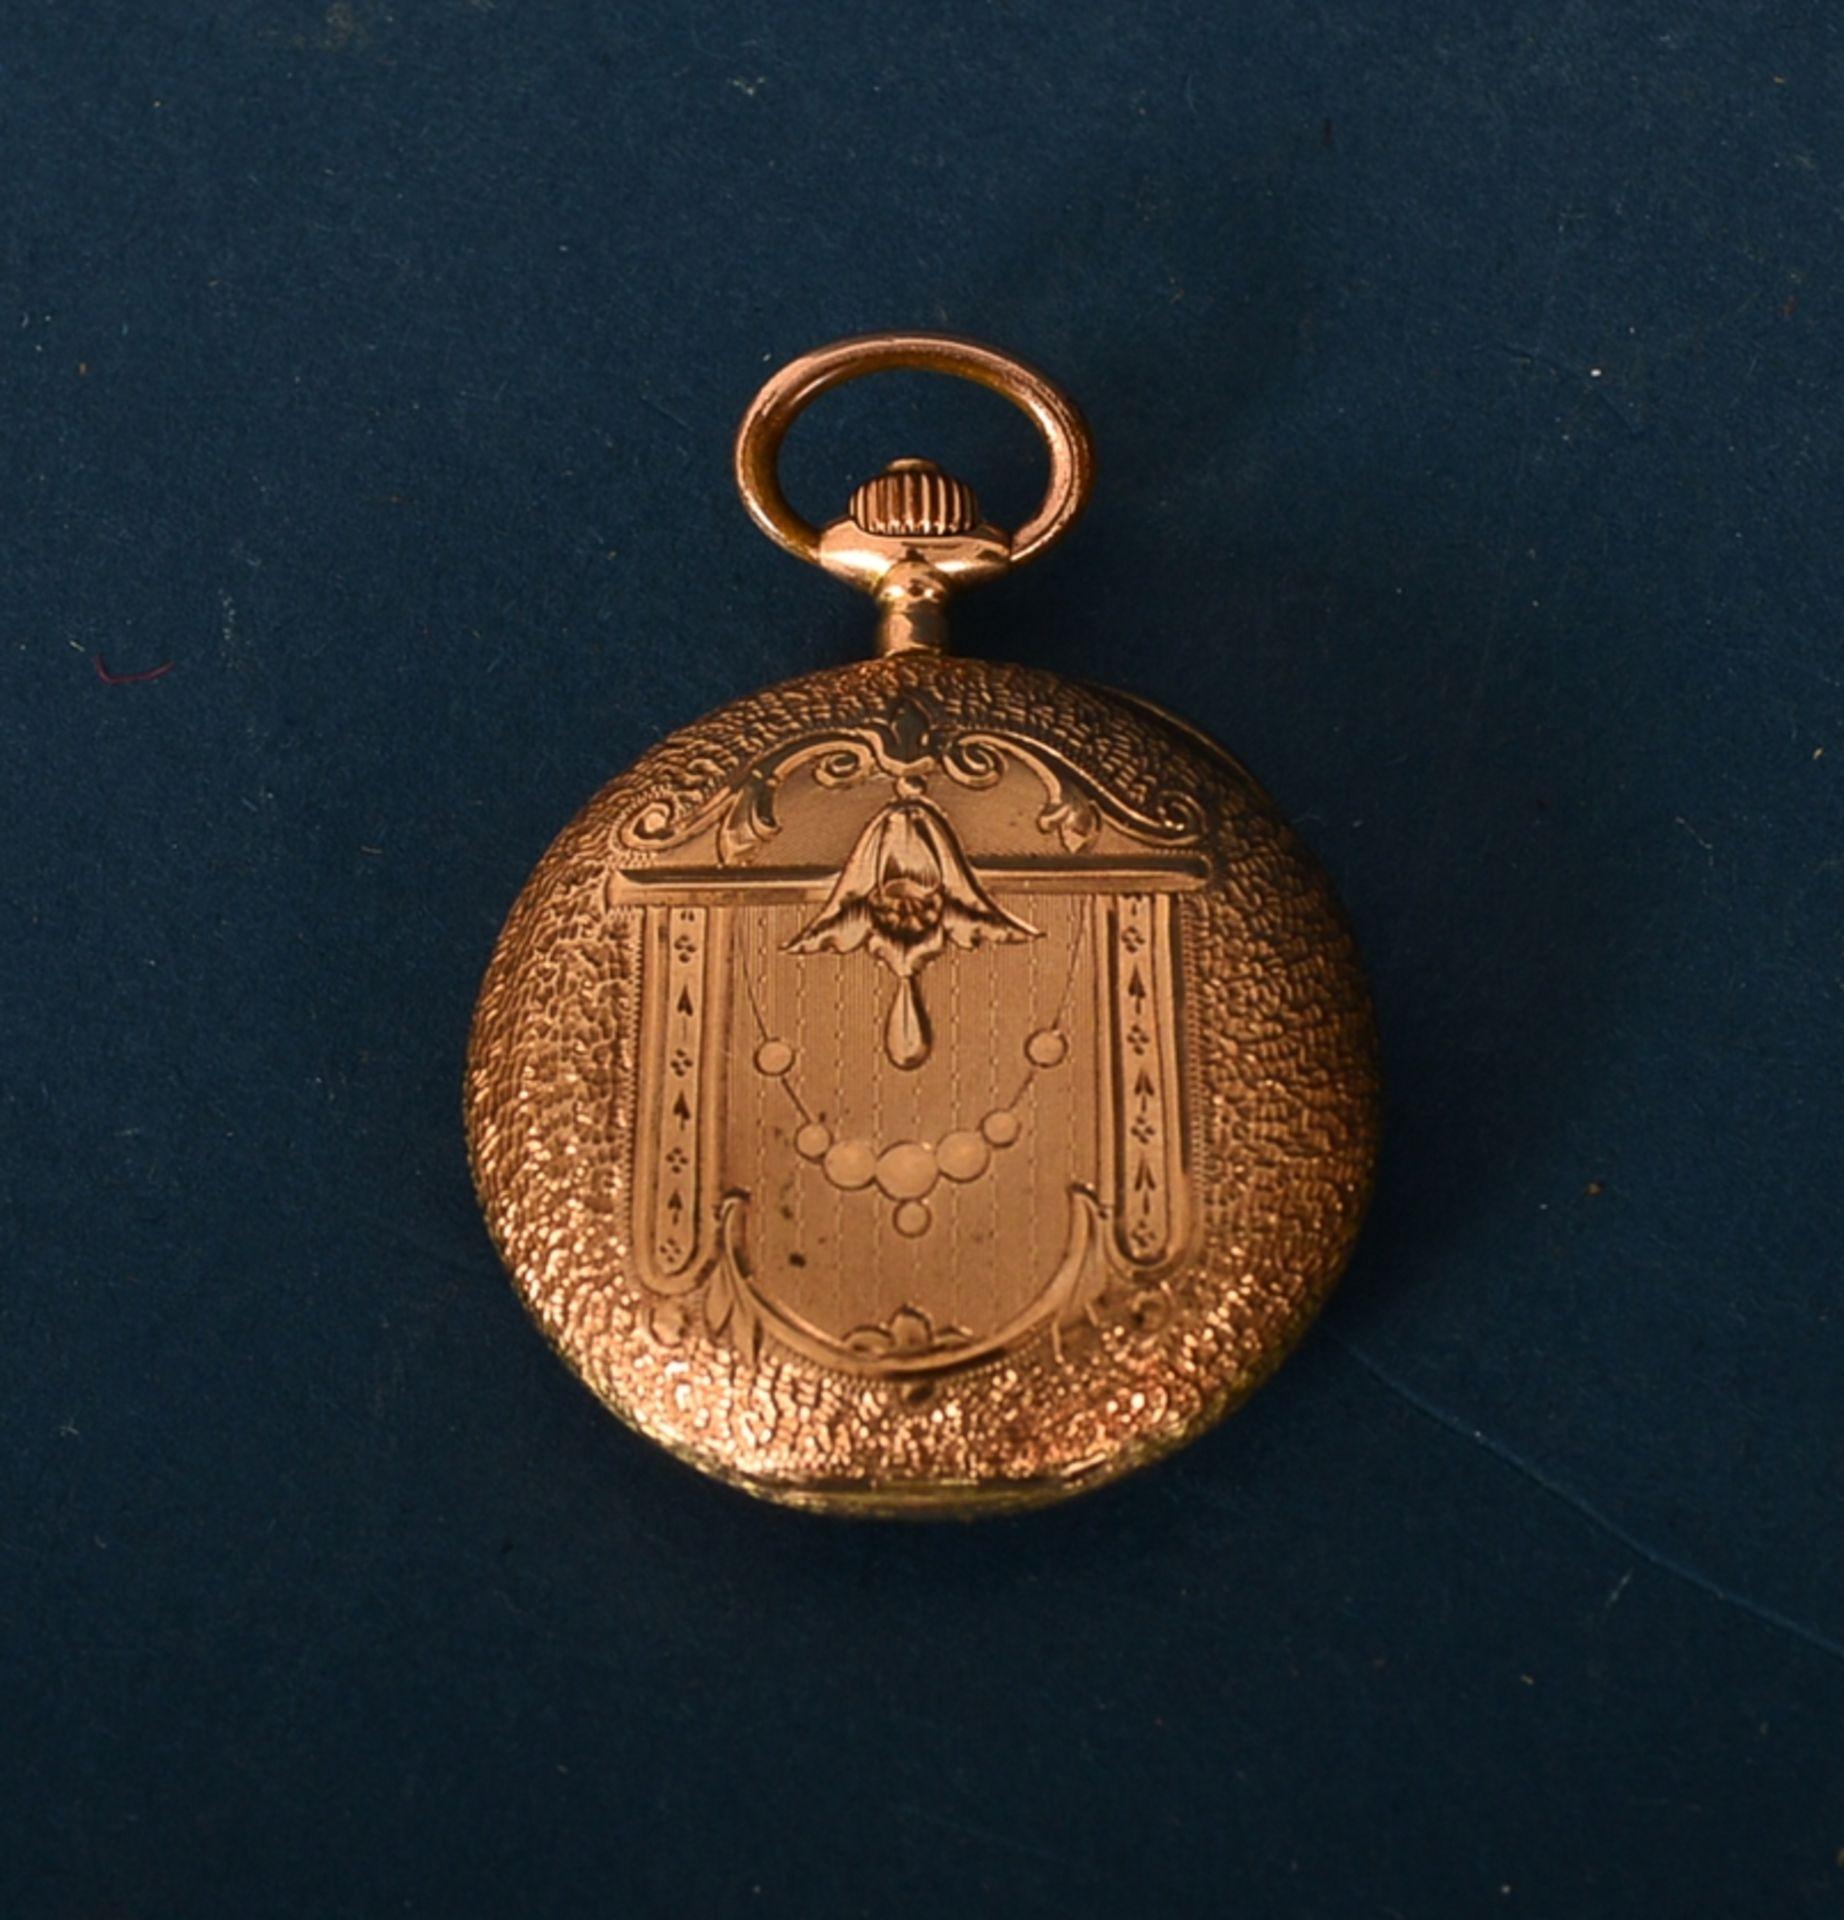 """585er Damen-Taschenuhr im Geschenketui des """"Uhrmacher S. Freund aus Marburg an der Lahn"""". Vorderer - Bild 4 aus 6"""